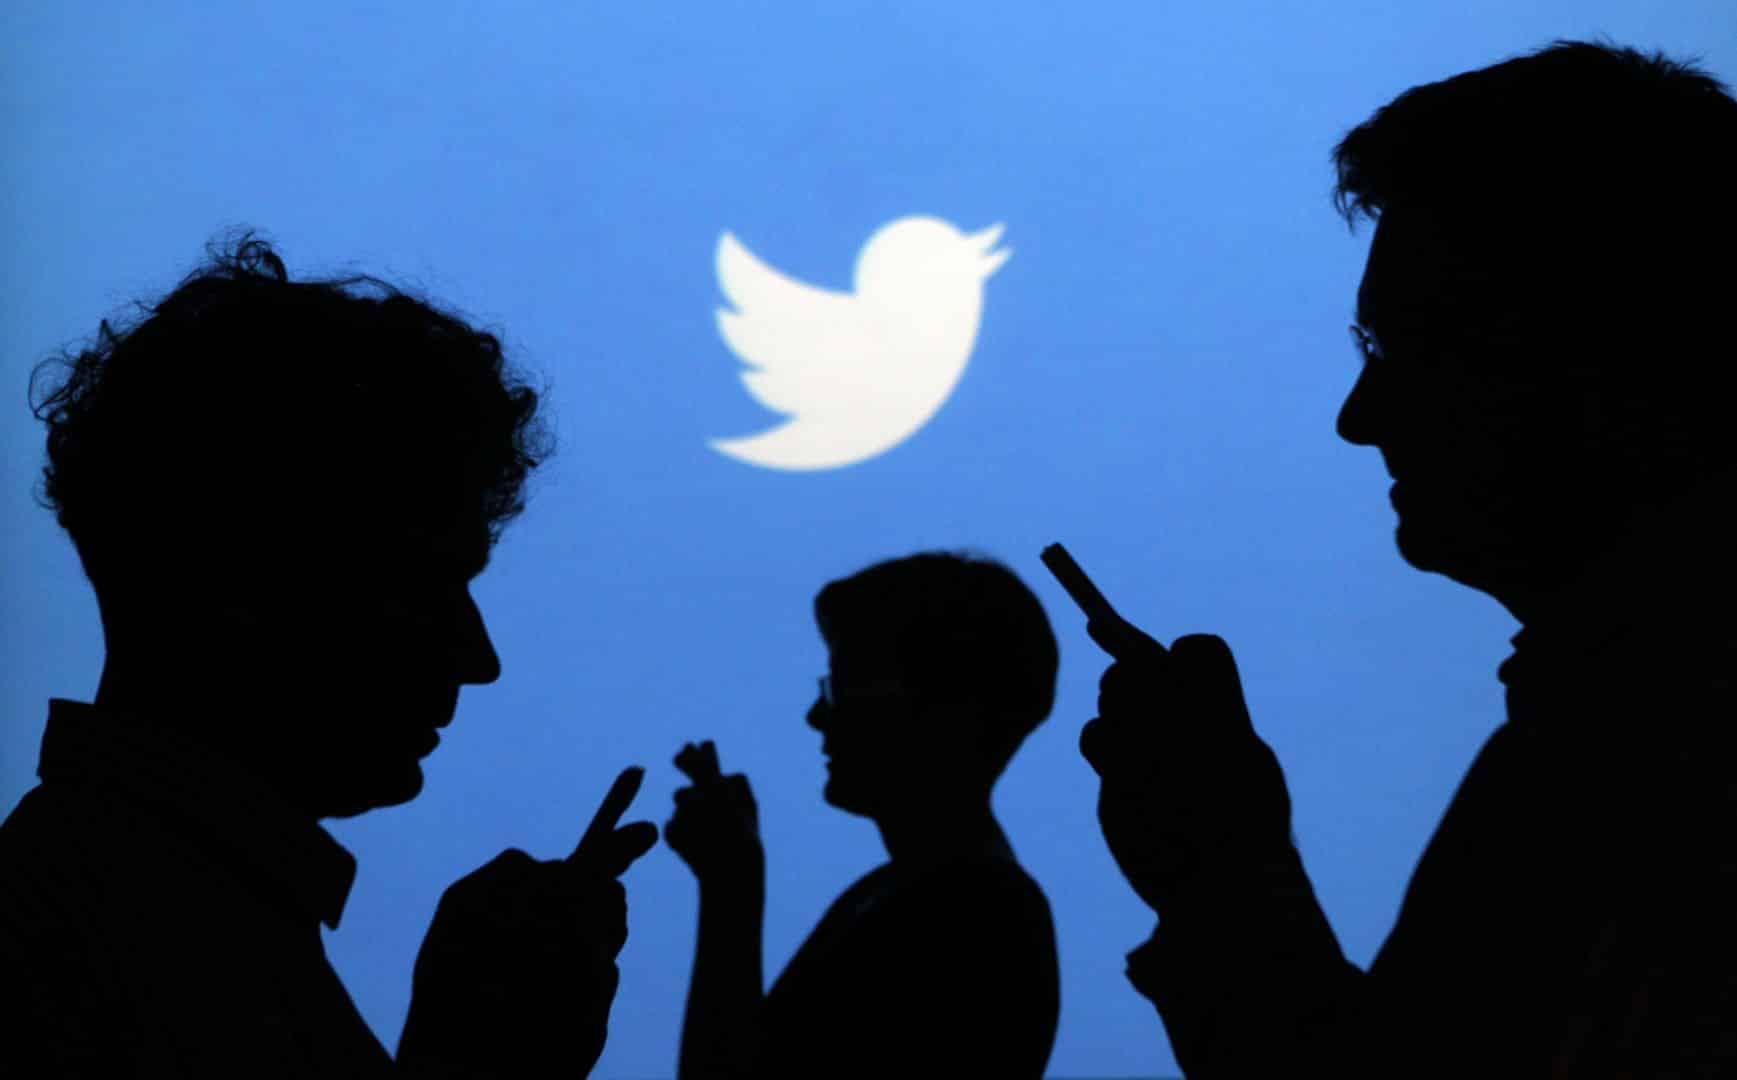 Desde Twitter reconocieron la alta presencia de cuentas administradas por robots en su plataforma.